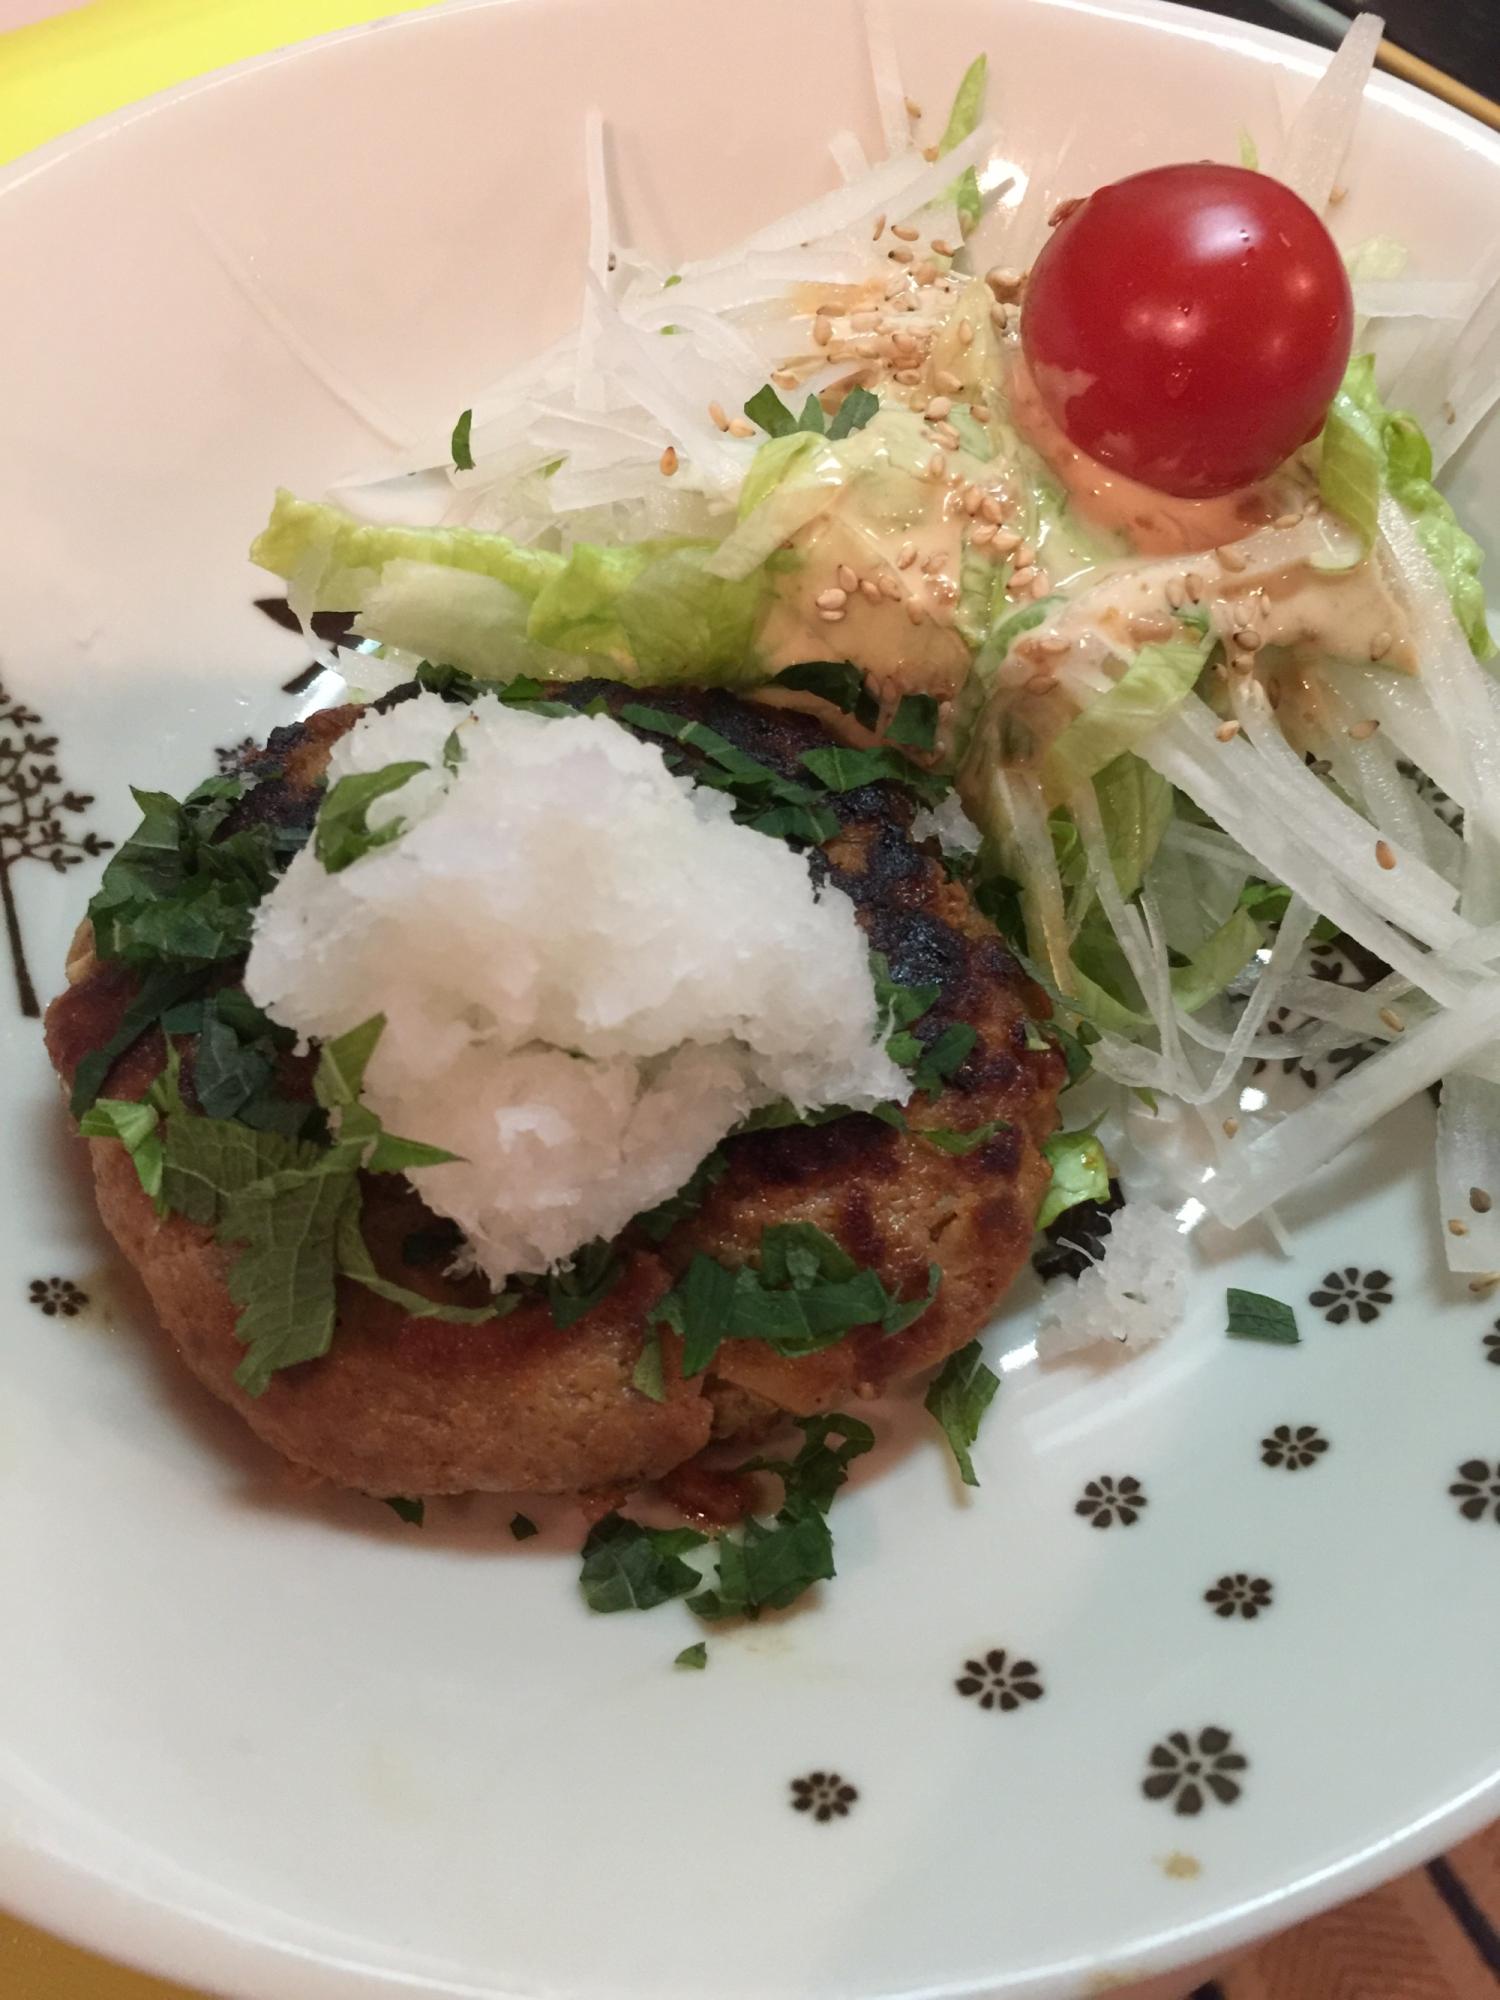 びっくりドンキー風 ほんとに美味しいハンバーグ レシピ・作り方 by vivi0601 楽天レシピ